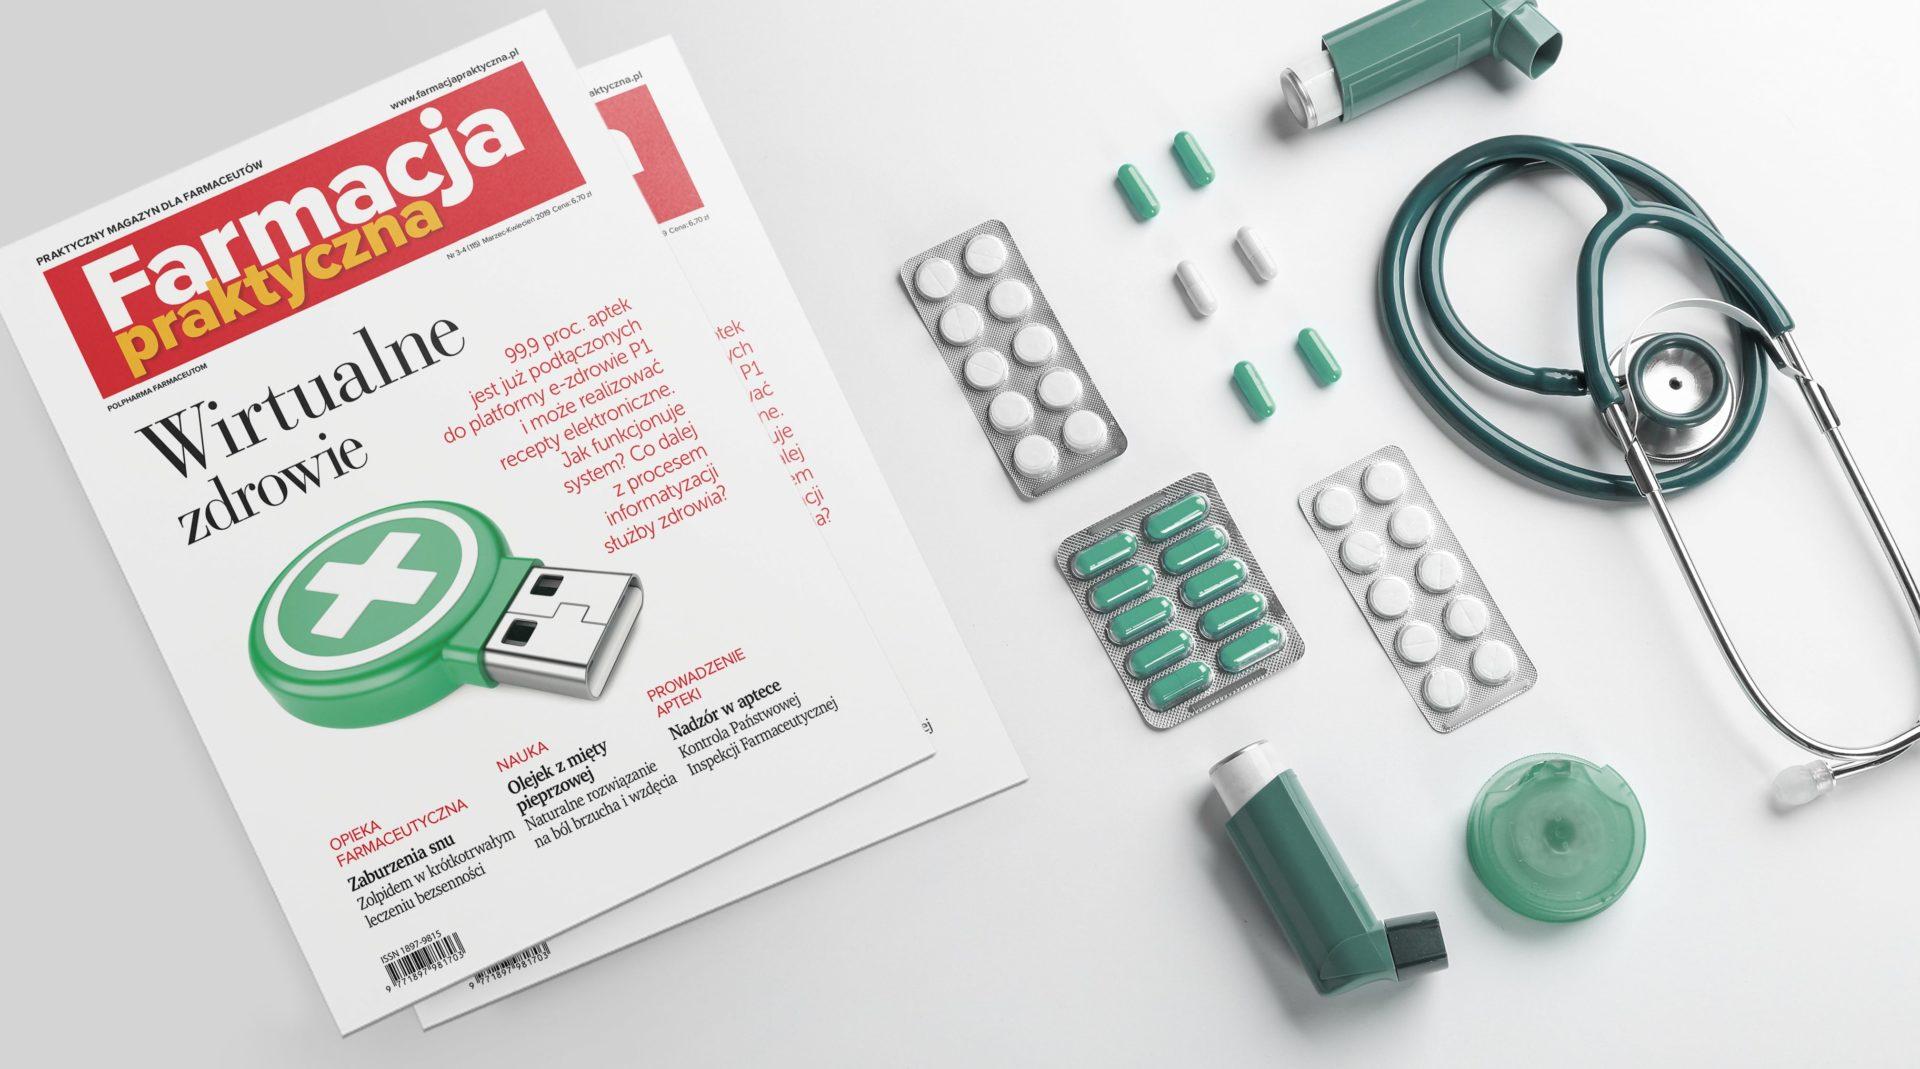 praktyczny magazyn dla farmaceutów